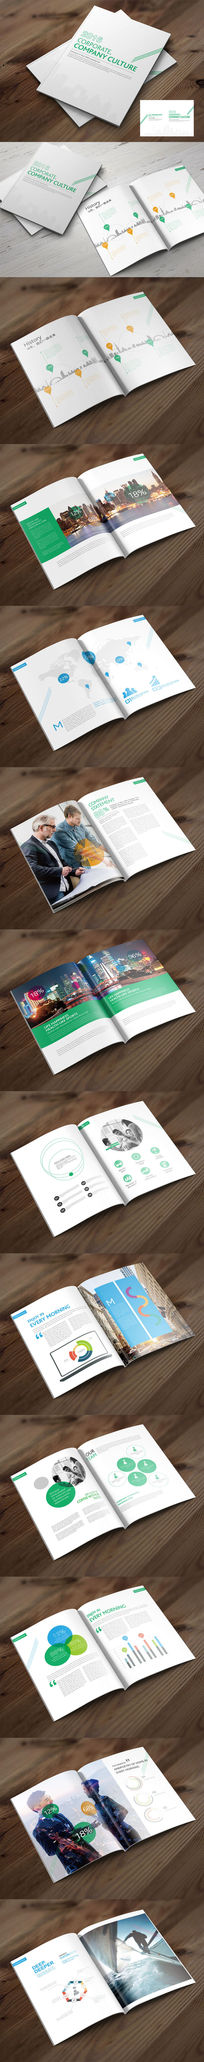 时尚简洁企业文化画册